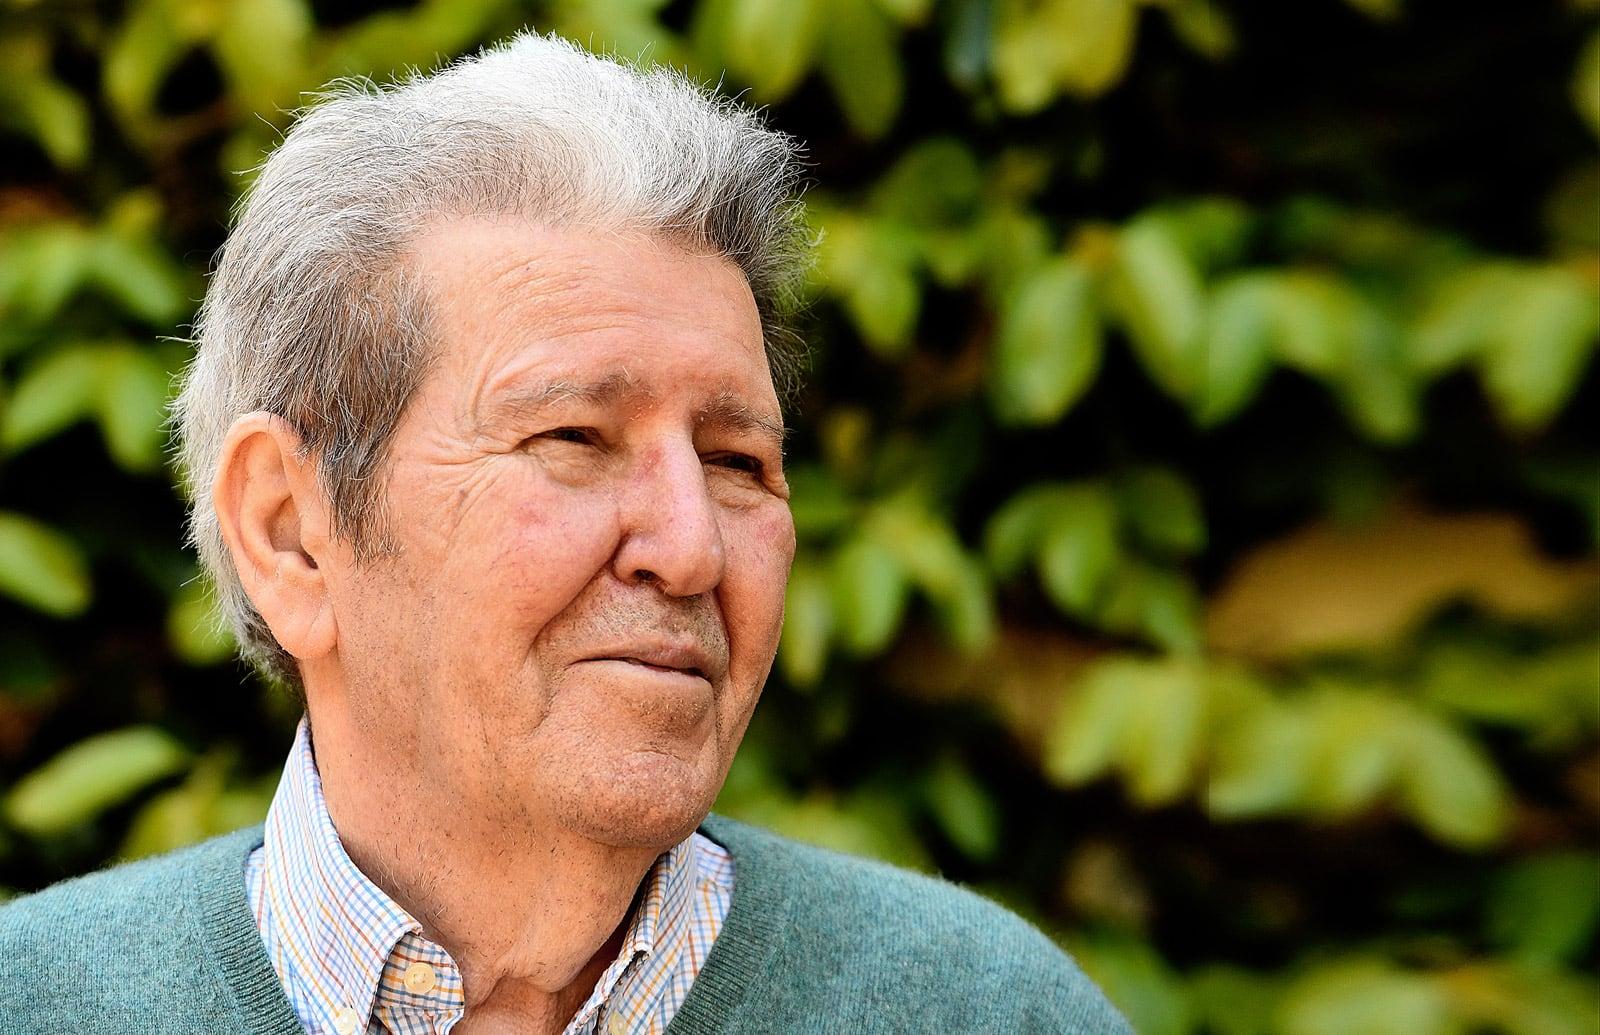 Jorge Herralde retratat a casa seva el passat mes d'abril. Fotografia de Xavier Jubierre.